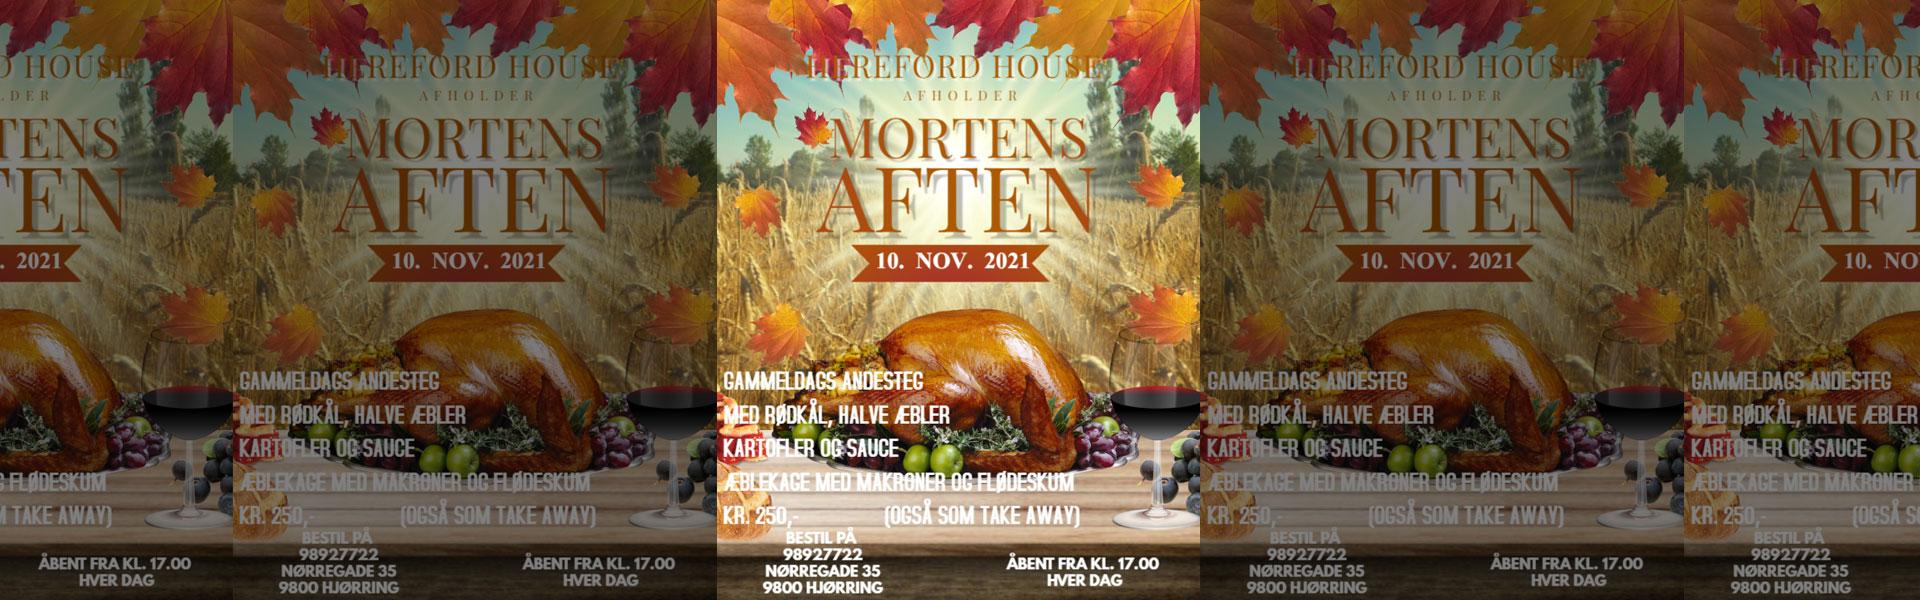 mortens-aften-restaurant-hereford-house-hjoerring